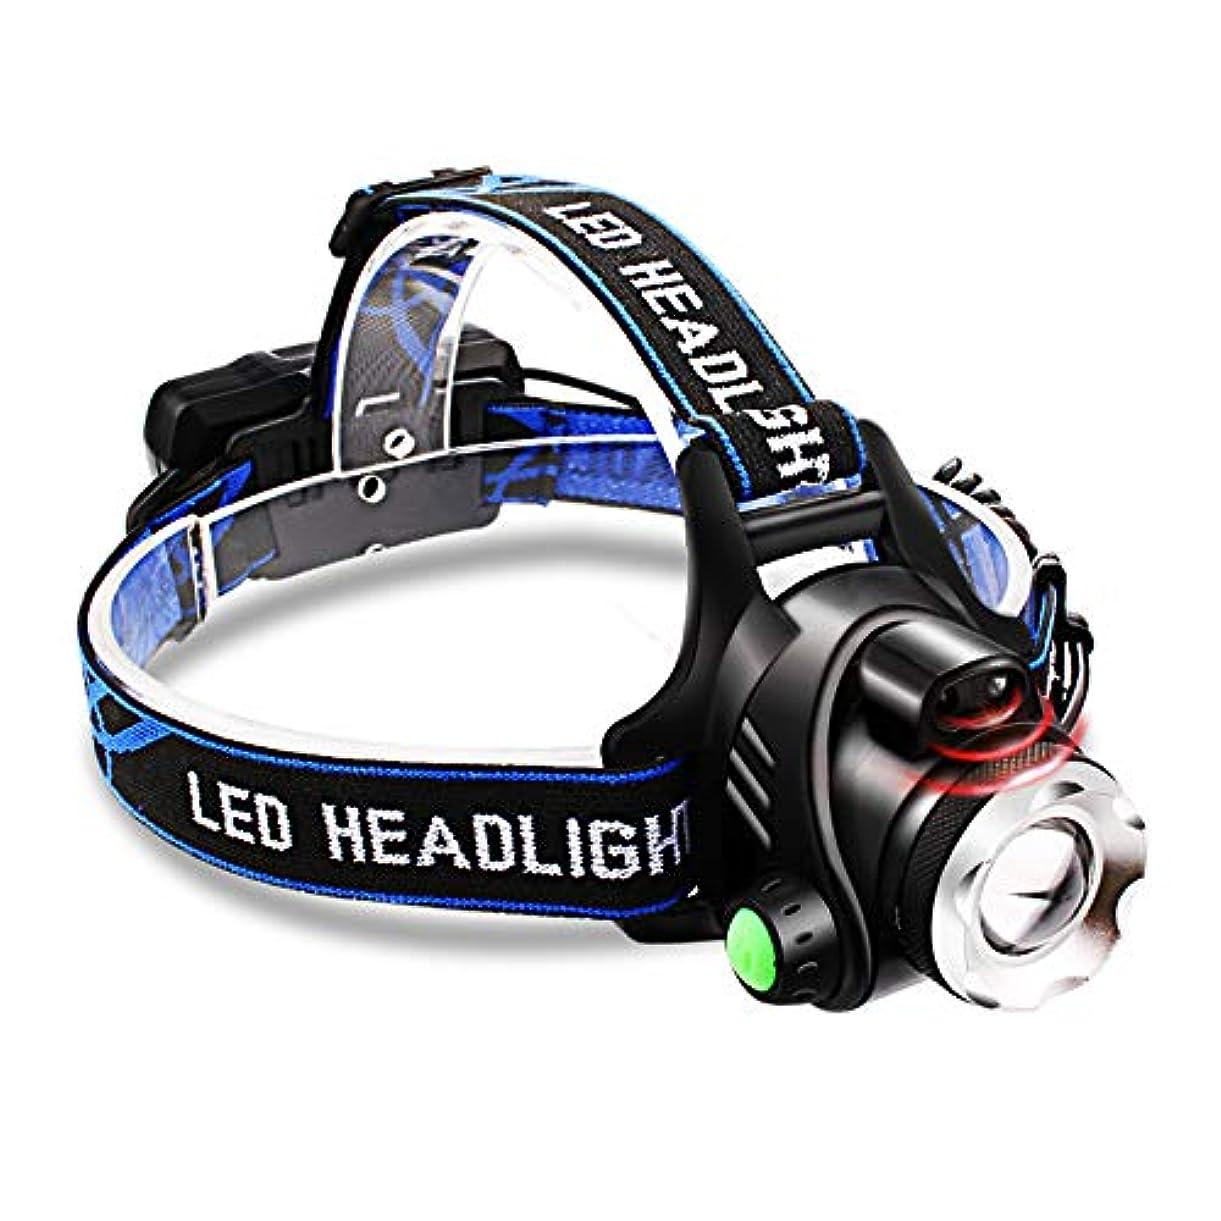 お手入れプリーツミュージカル釣りヘッドランプ, 充電夜釣りグレア超明るい超明るい超明るいスーパーブライト Led ズームミニ防水ヘルメットライト173g